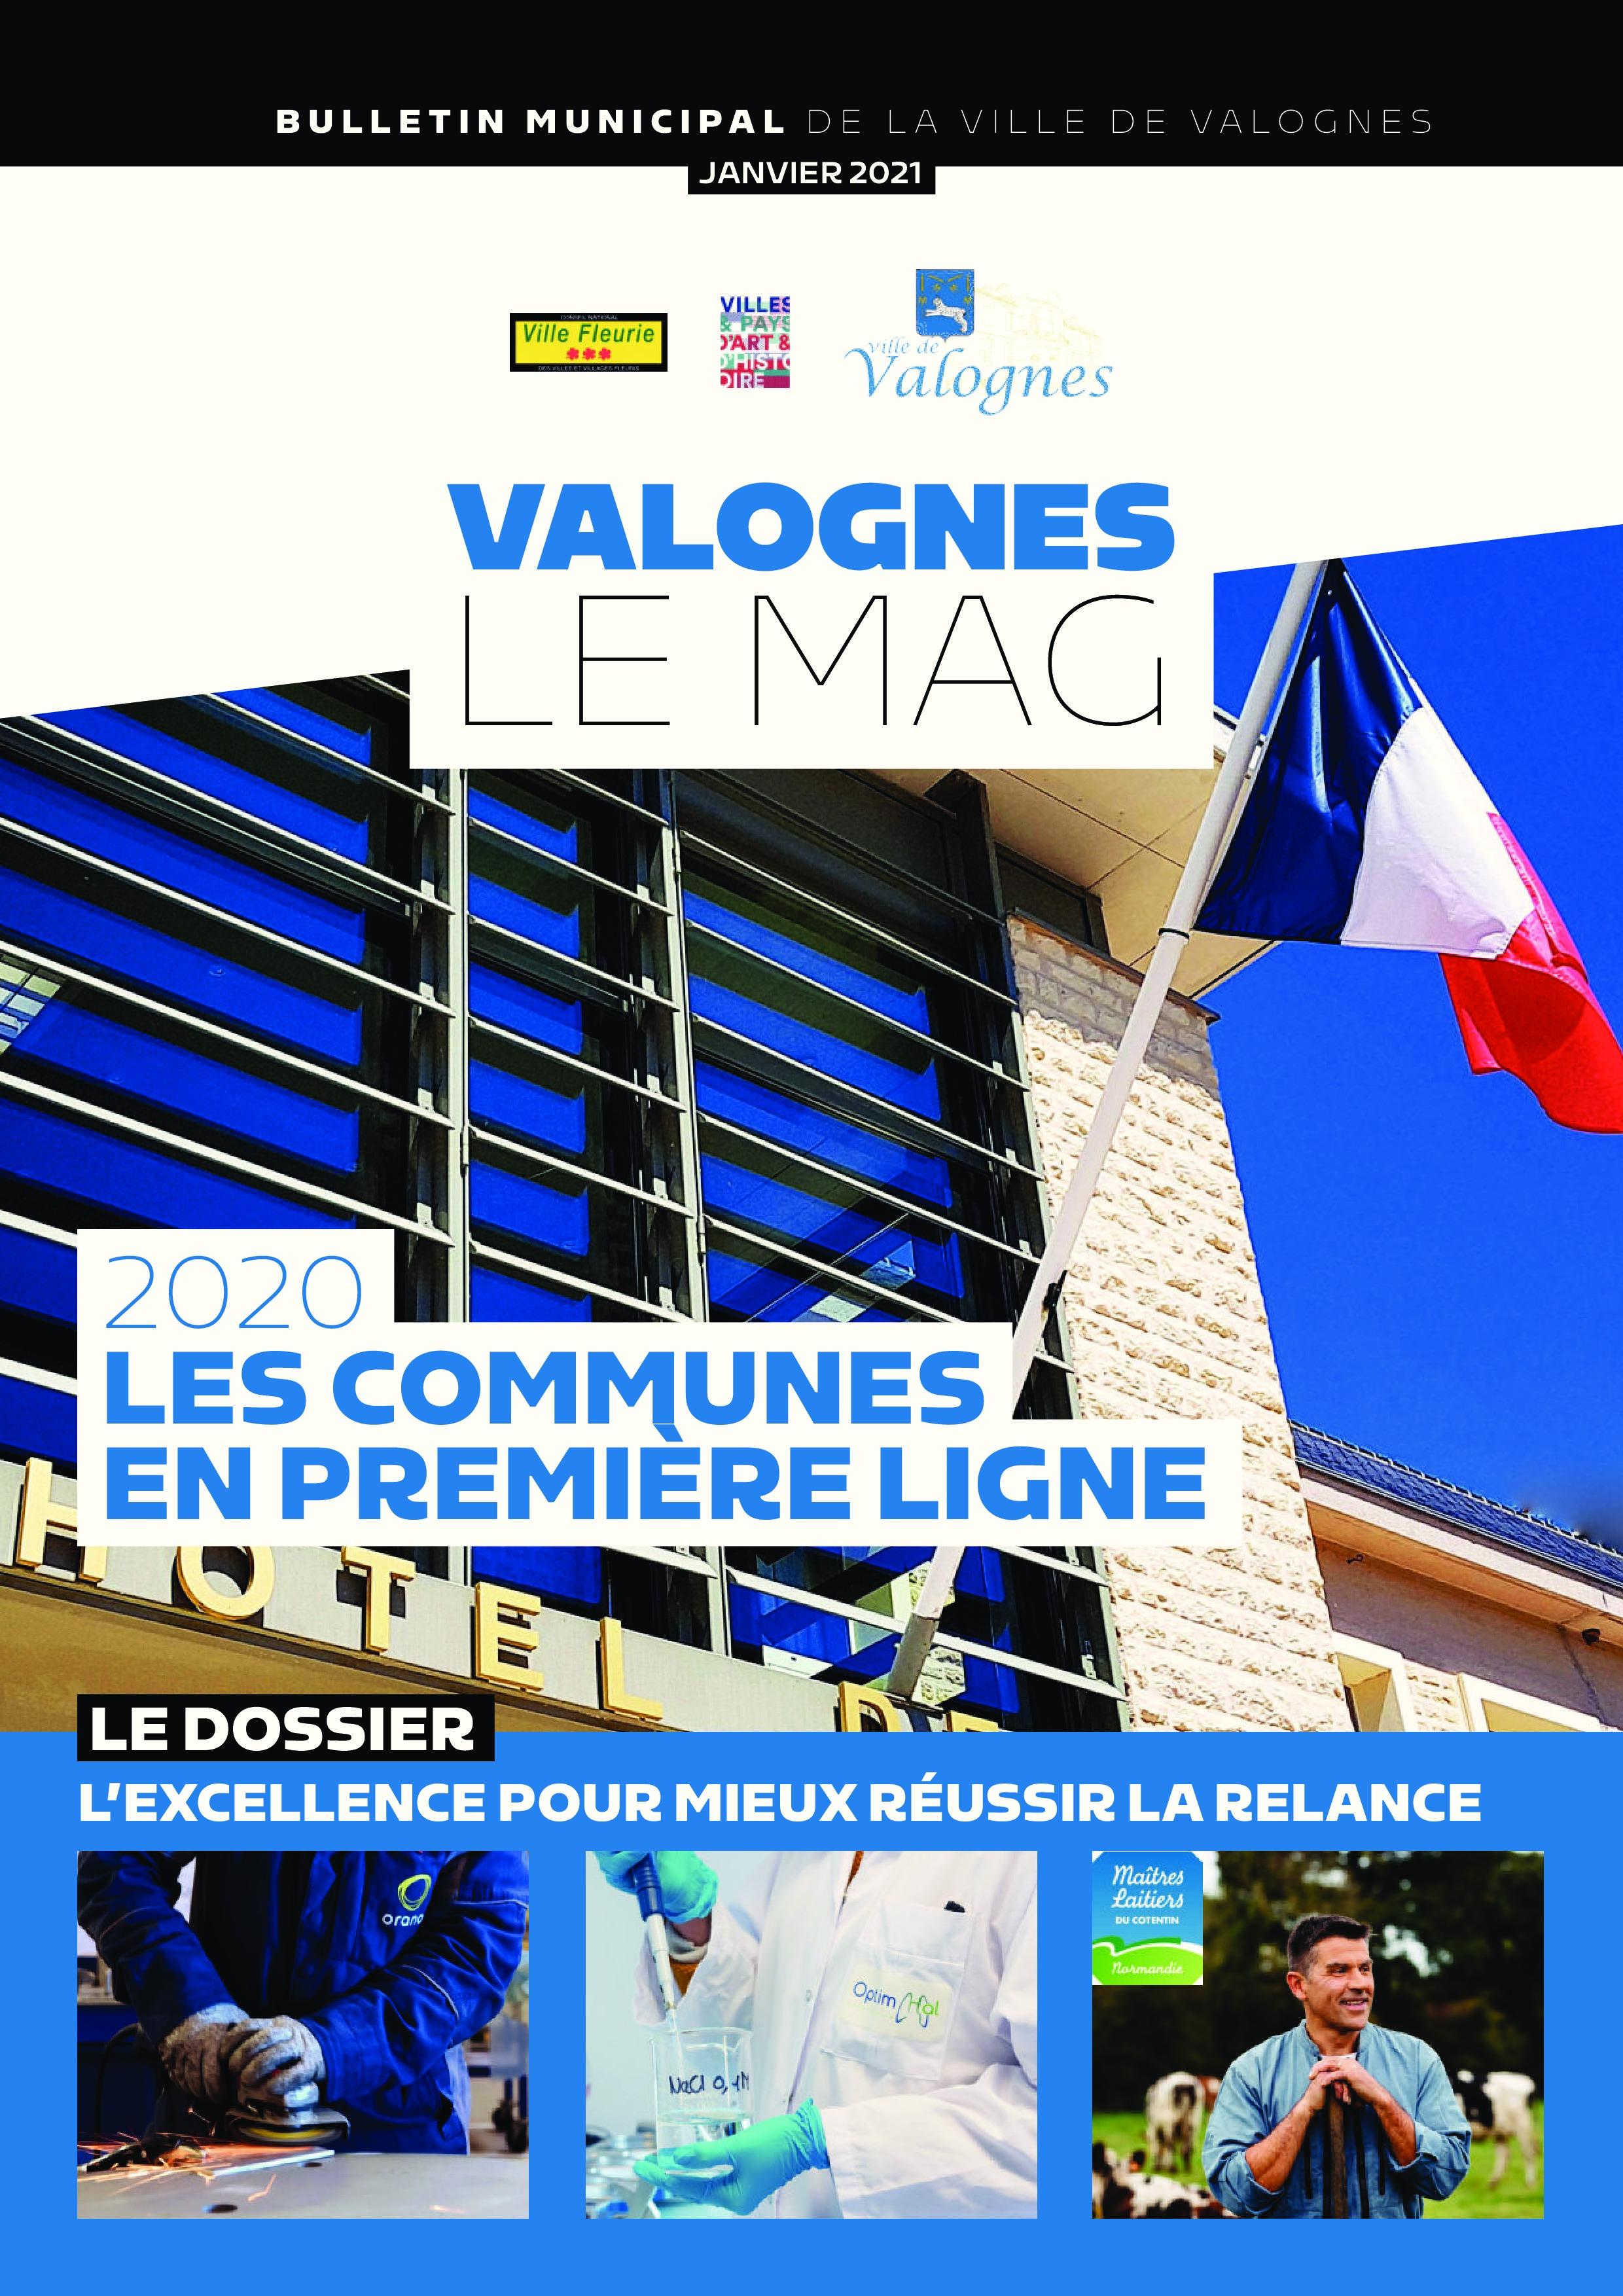 Bulletin municipal 2020 - 2020 - Les communes en première ligne